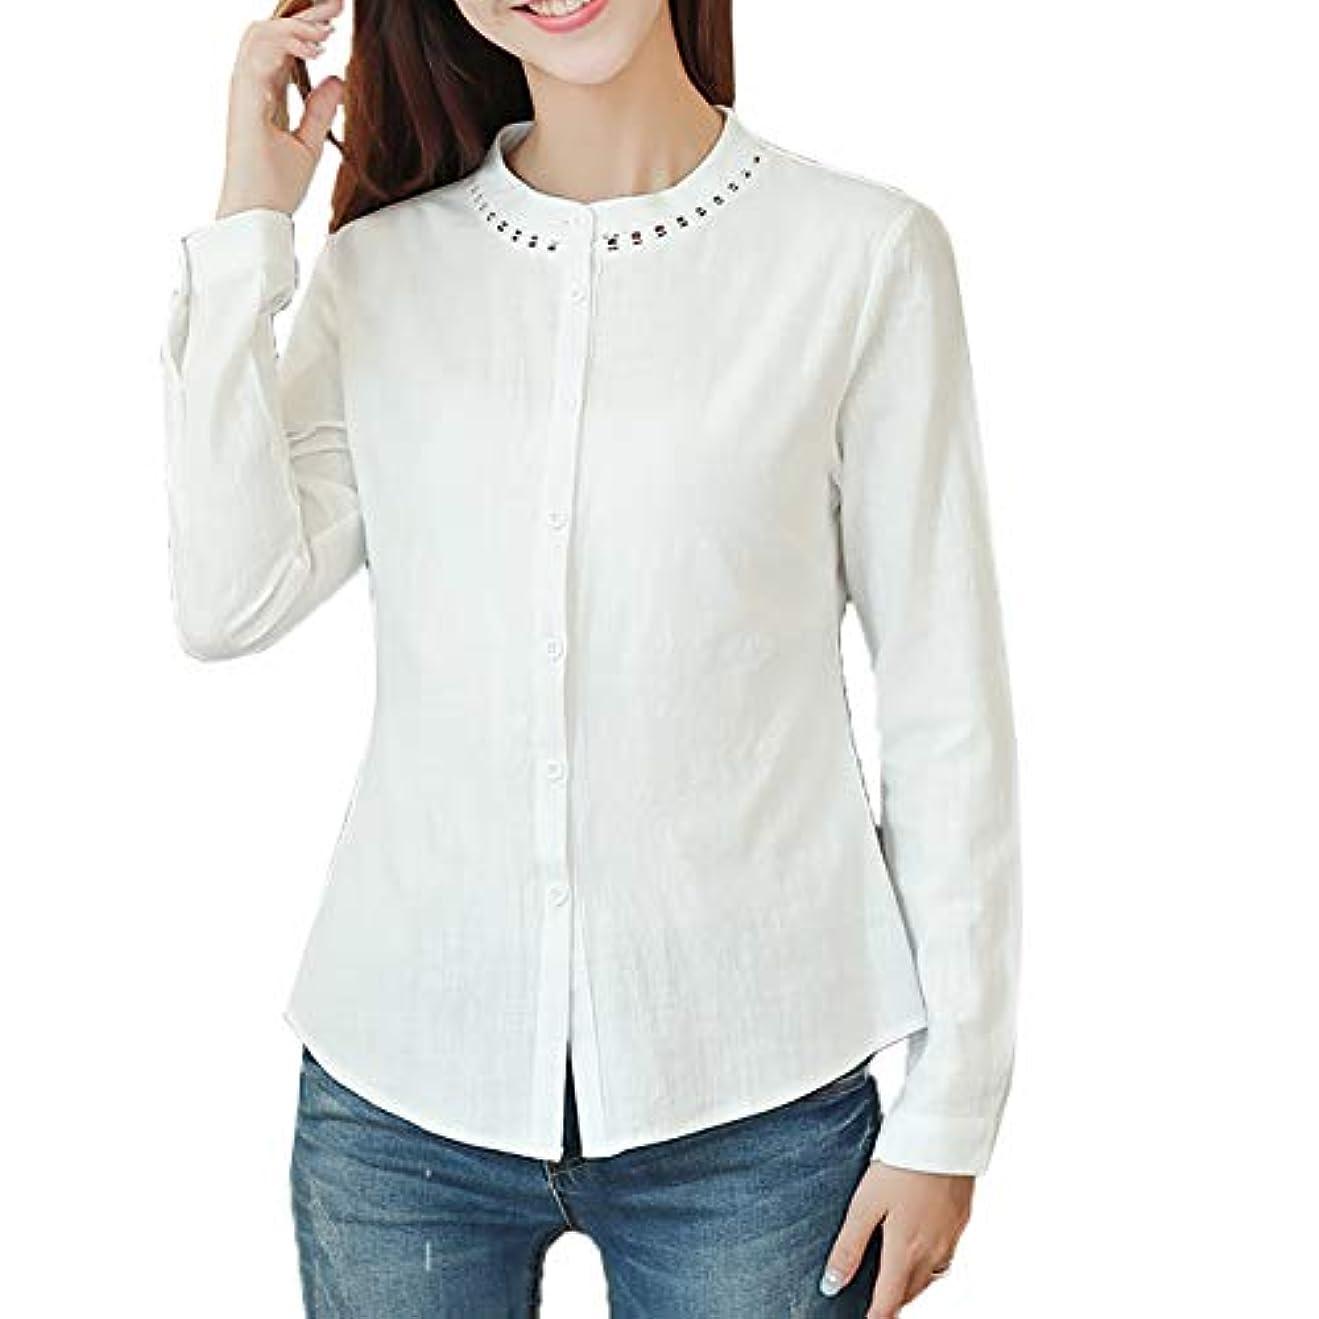 の面ではだます選ぶ[ココチエ] ブラウス シャツ レース スタンドカラー レディース 白 おしゃれ 長袖 ビジネス 7分 七分袖 かわいい カジュアル